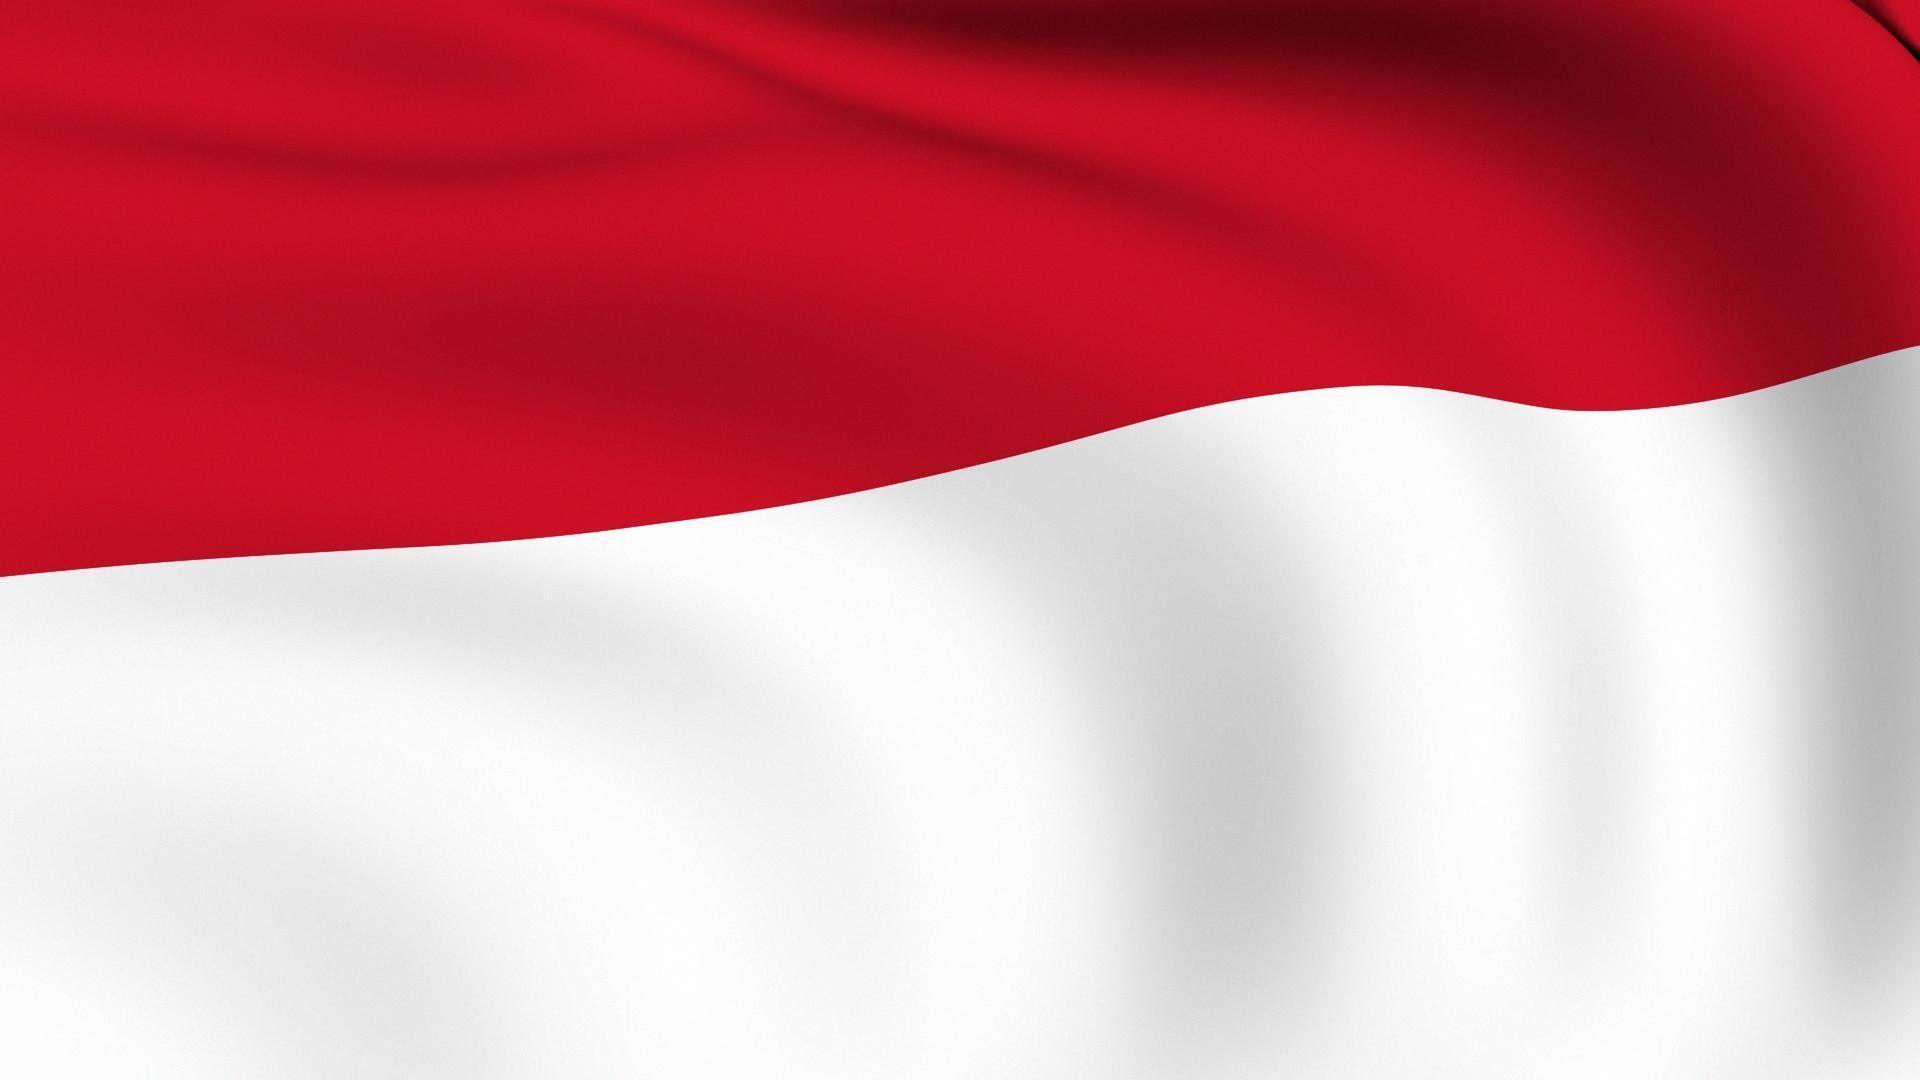 menggam gambar bendera indonesia